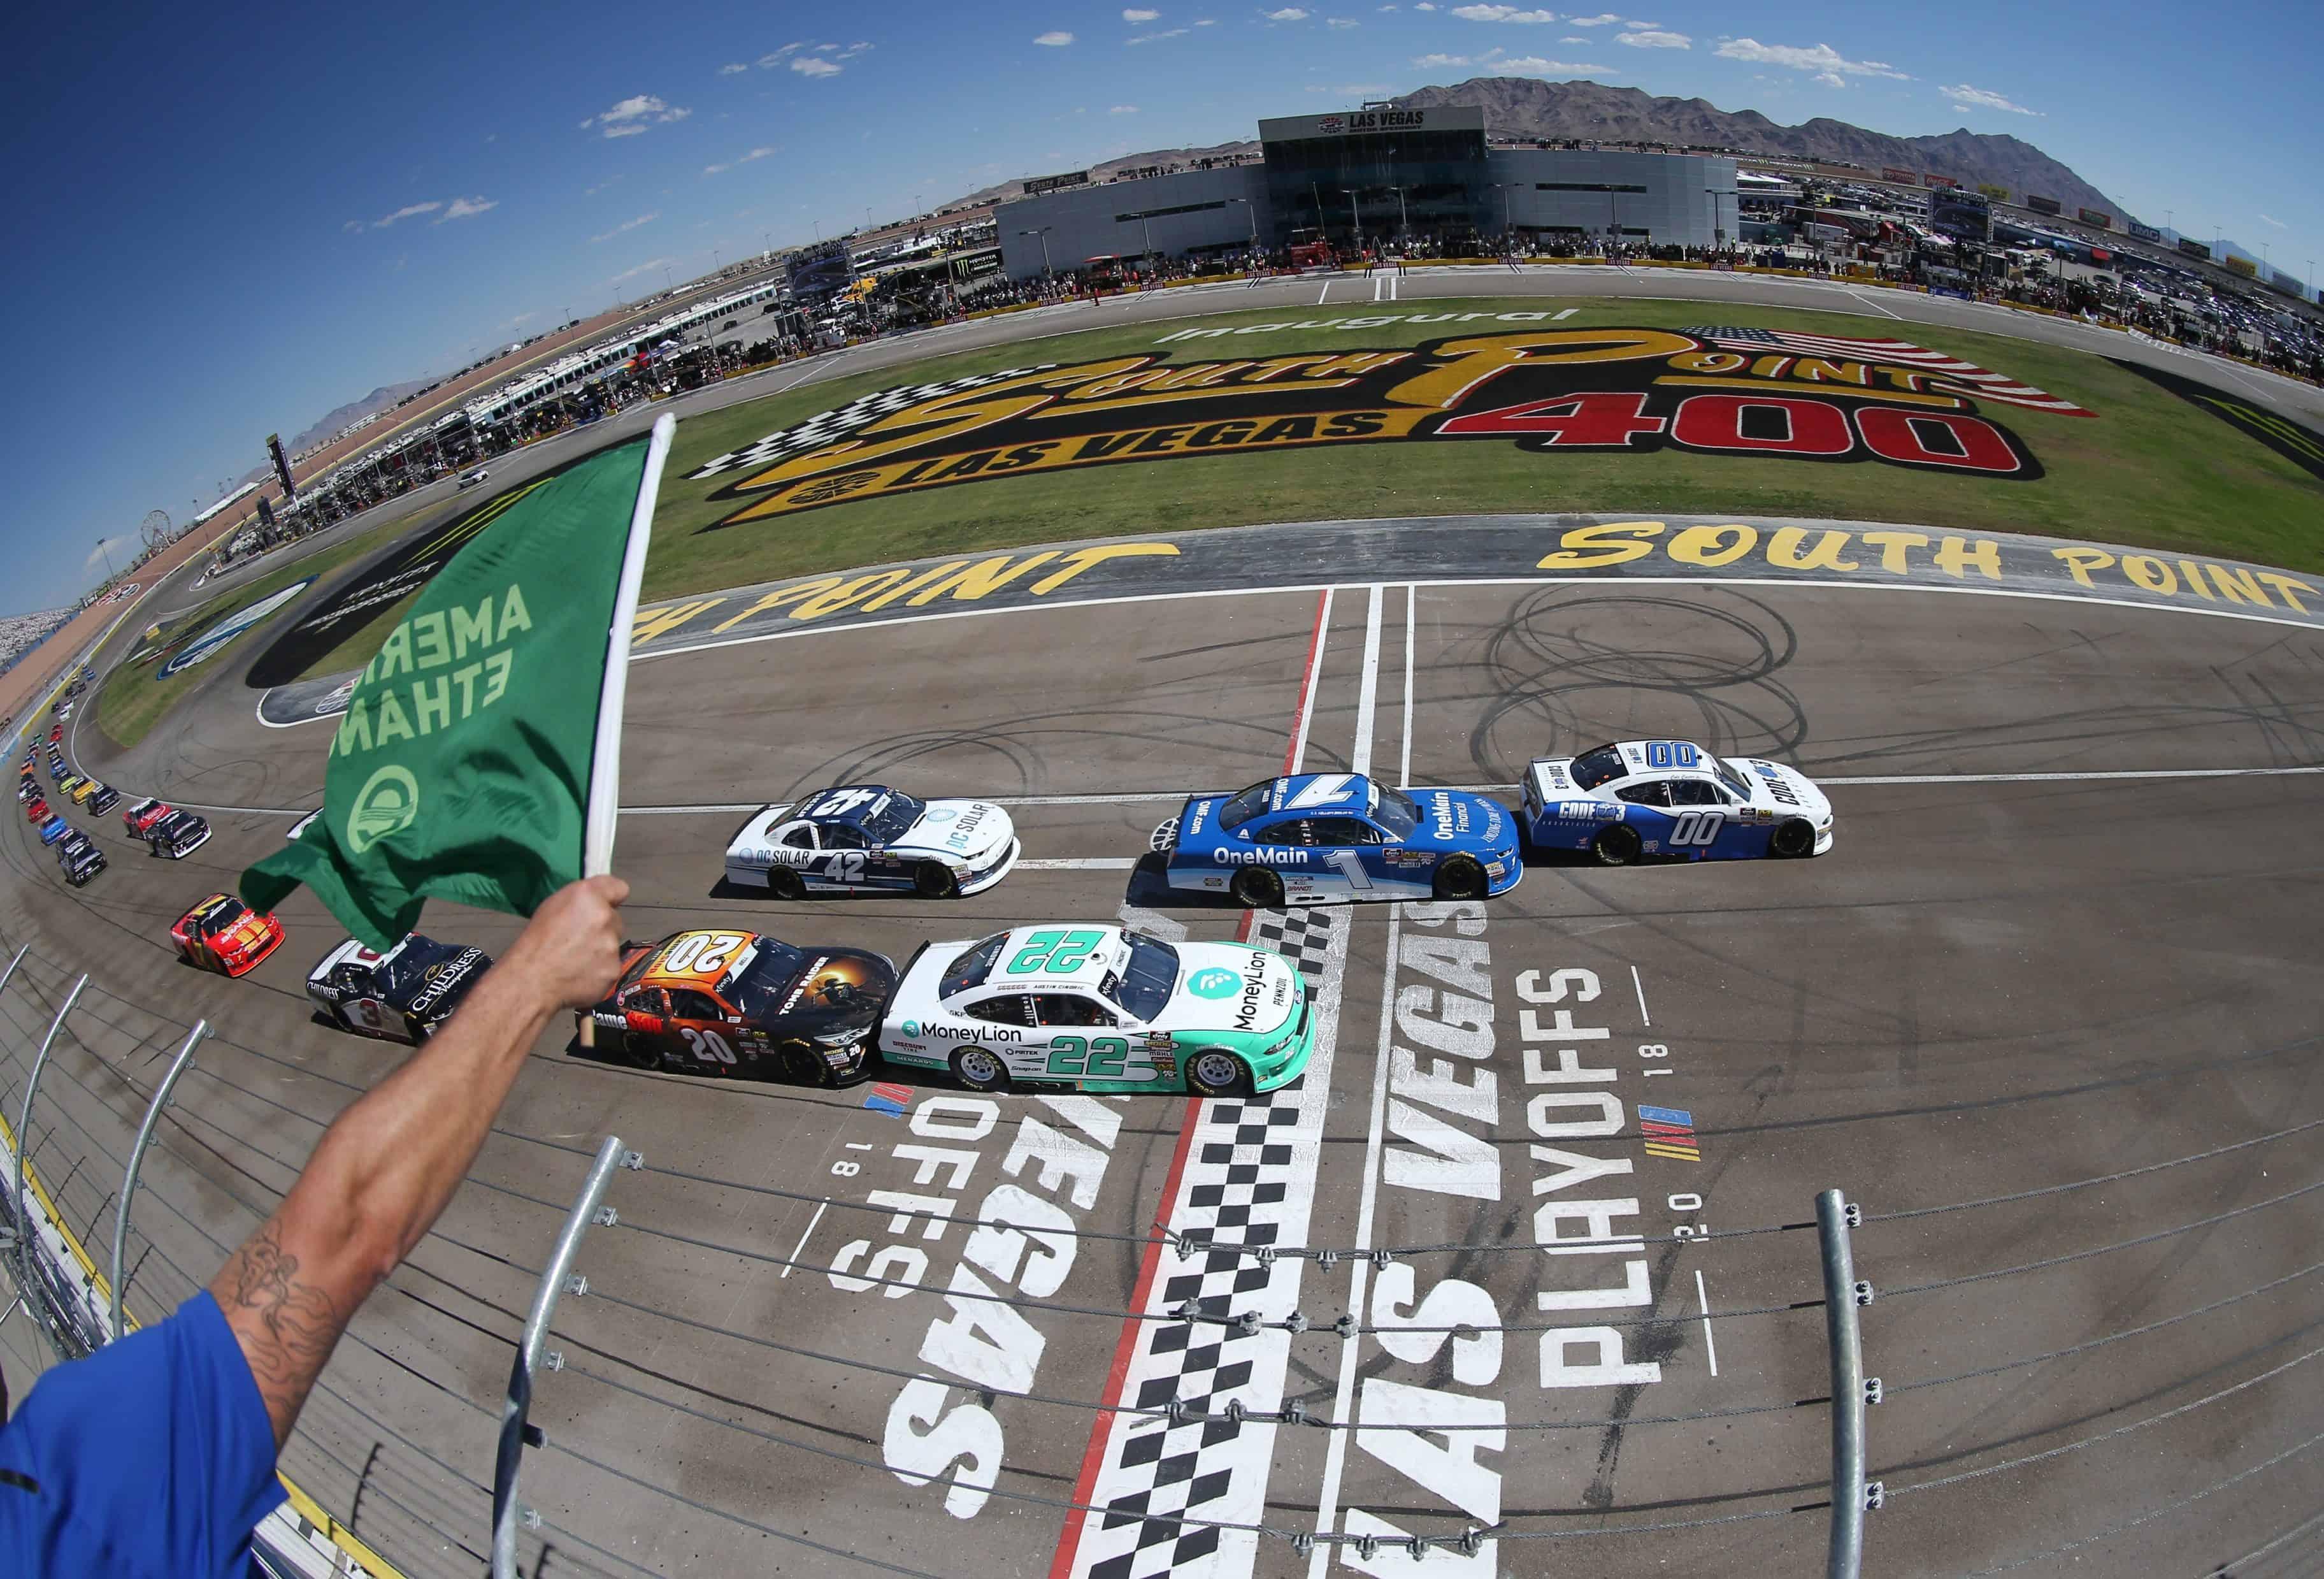 NASCAR Xfinity Series at Las Vegas Motor Speedway